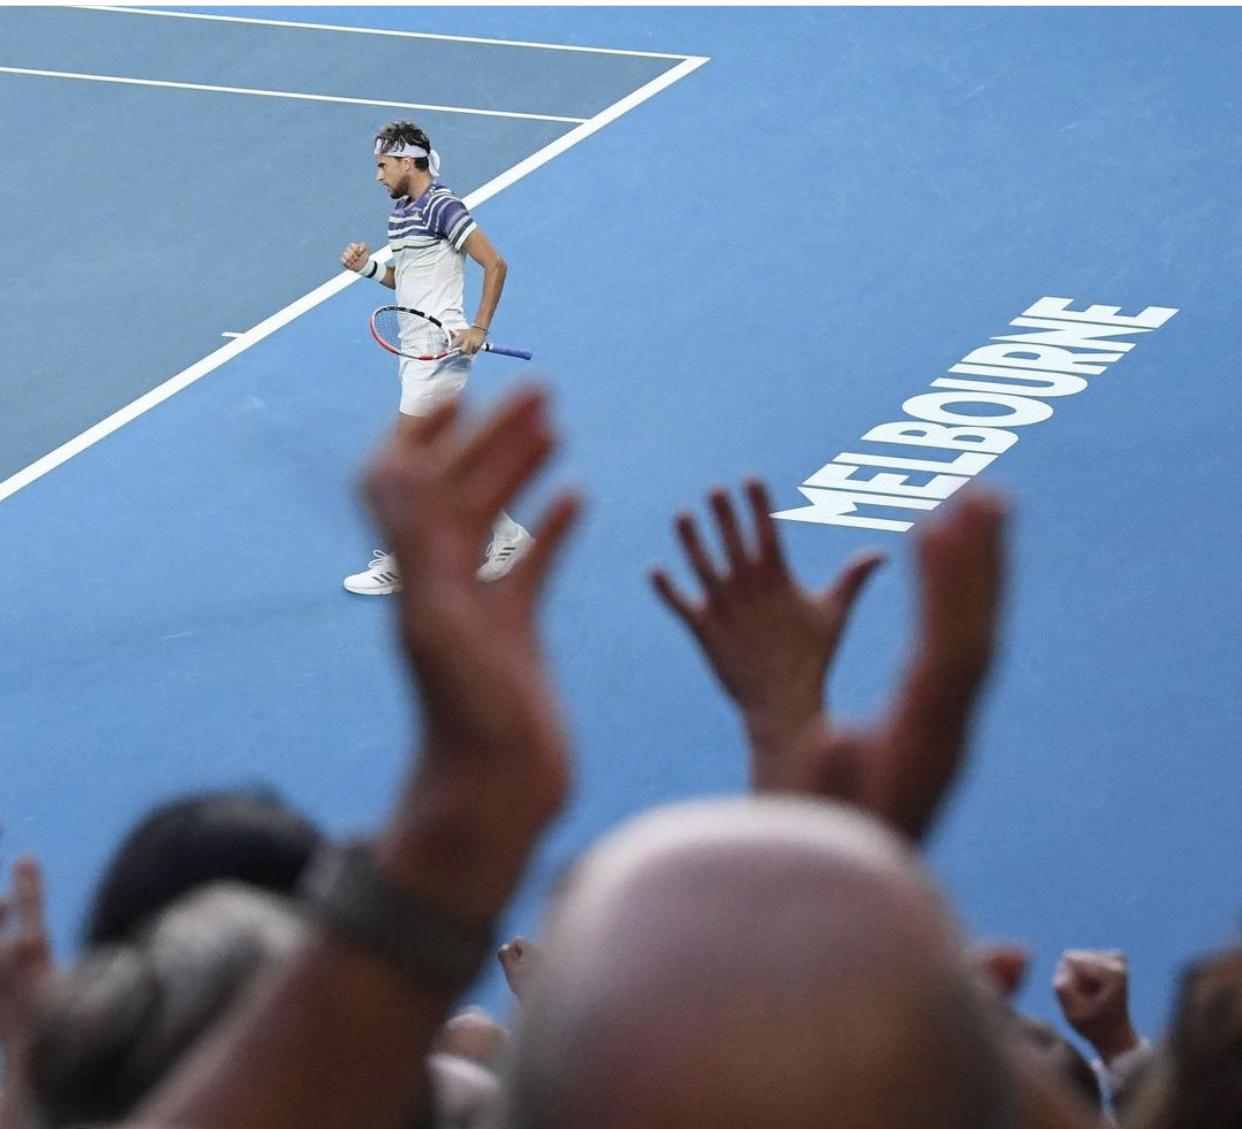 Kort tenisowy na Australian Open z zawodnikiem Dominic Thiem